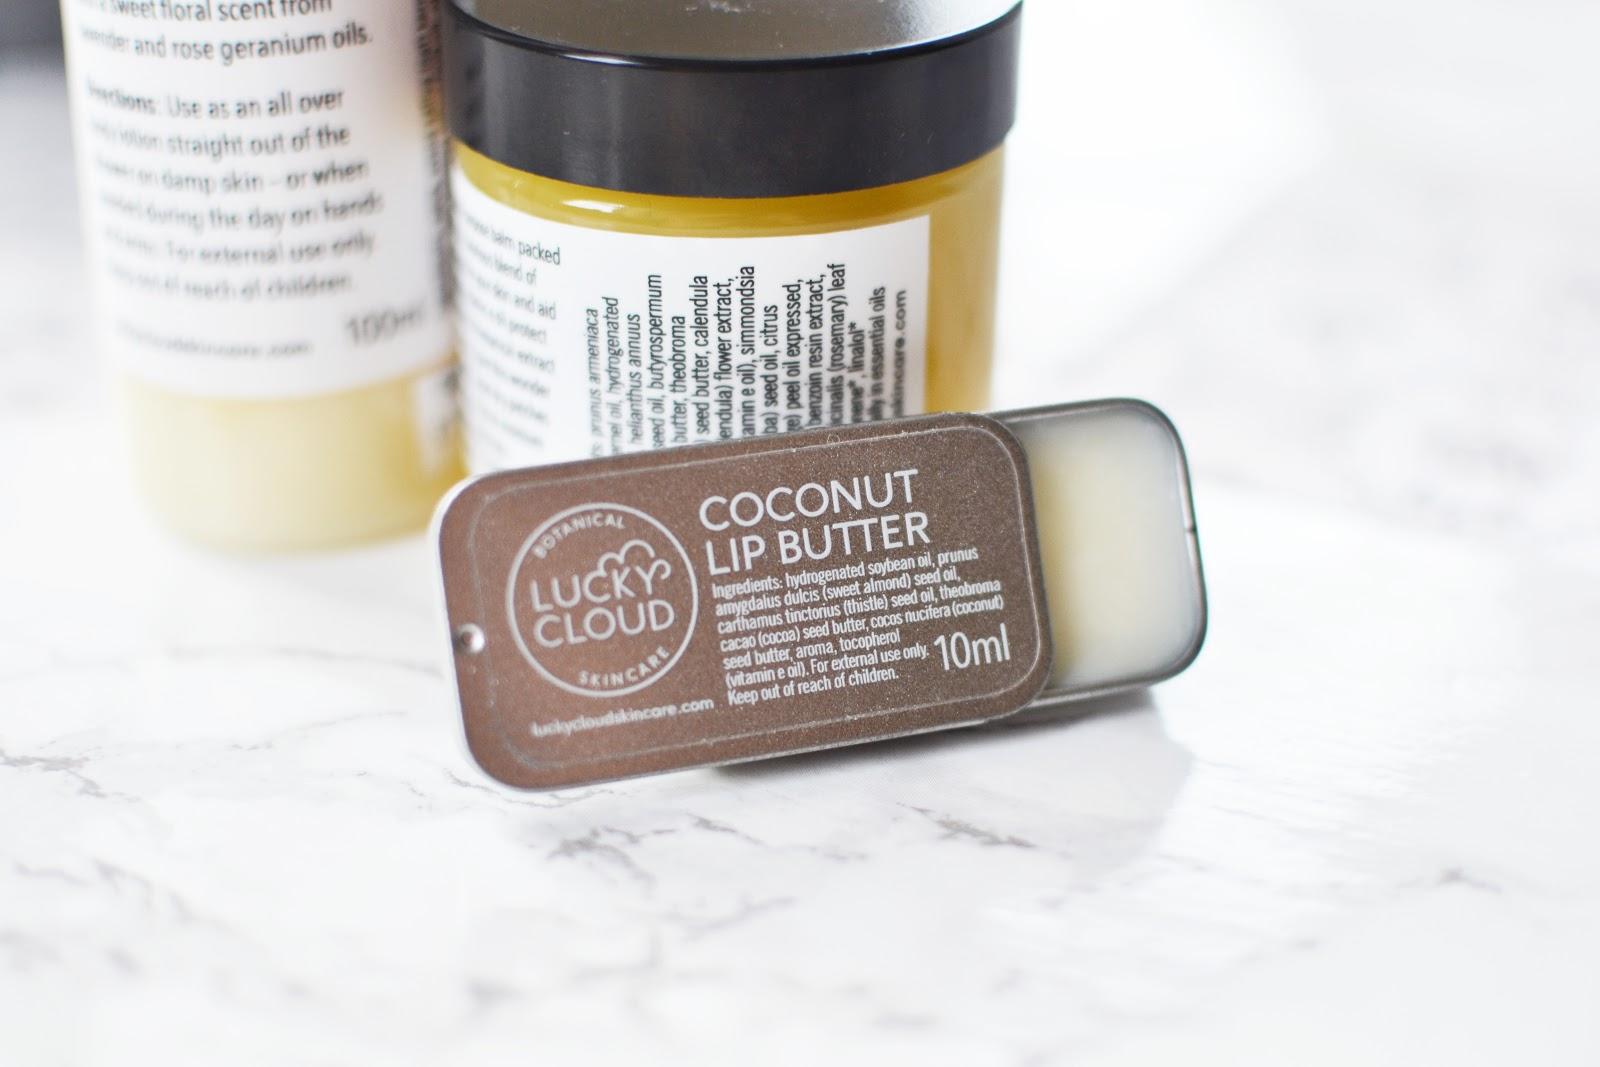 Lucky Cloud Coconut Lip Butter